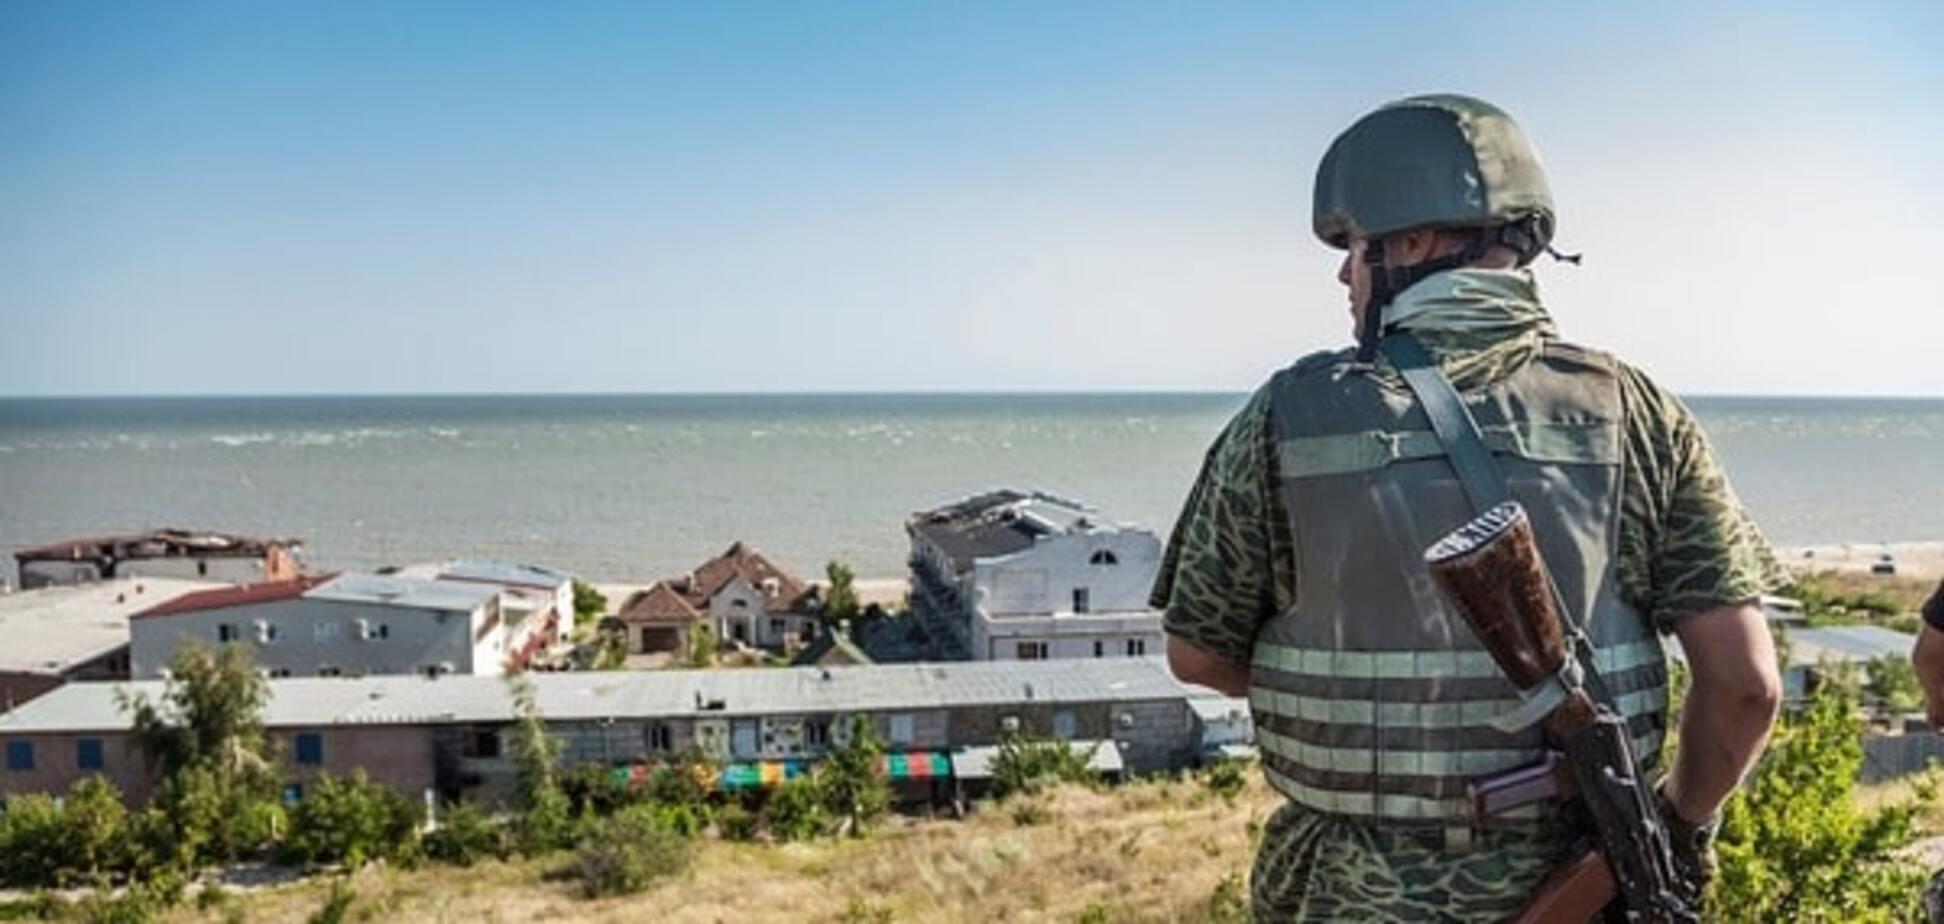 Україна і далі має намір дотримуватися 'режиму тиші' на Донбасі - генерал